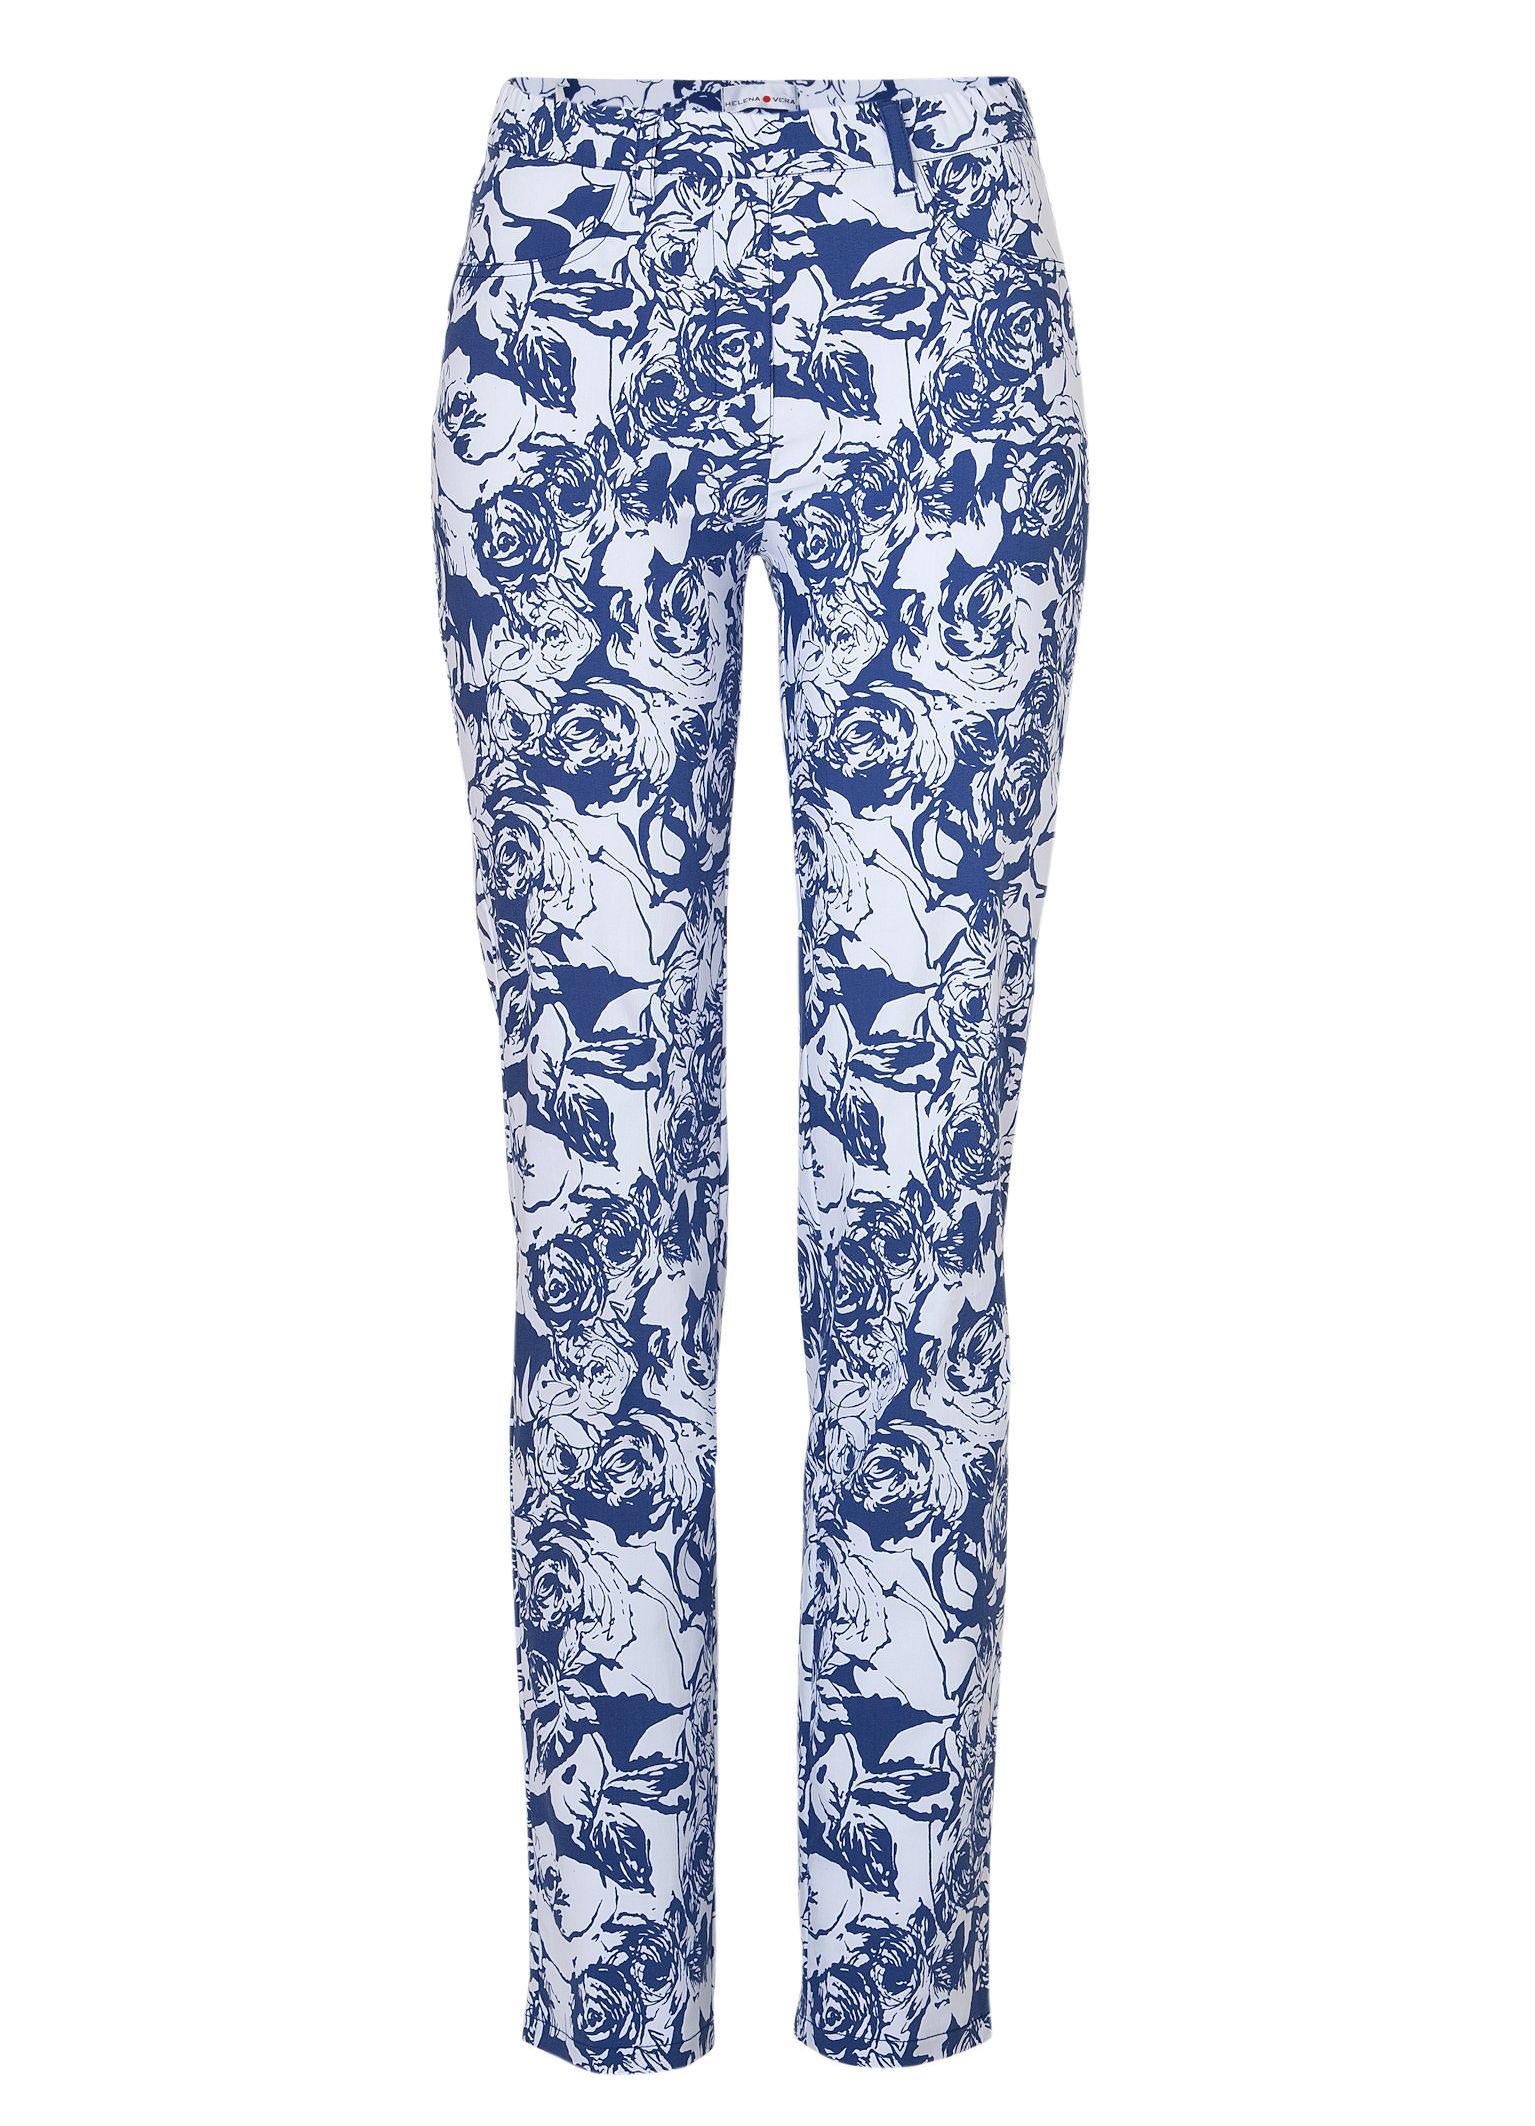 großer Abverkauf Beste heiß-verkaufender Fachmann Helena Vera | Women's Fashion | Bengalin-Hose | #HSE24 ...